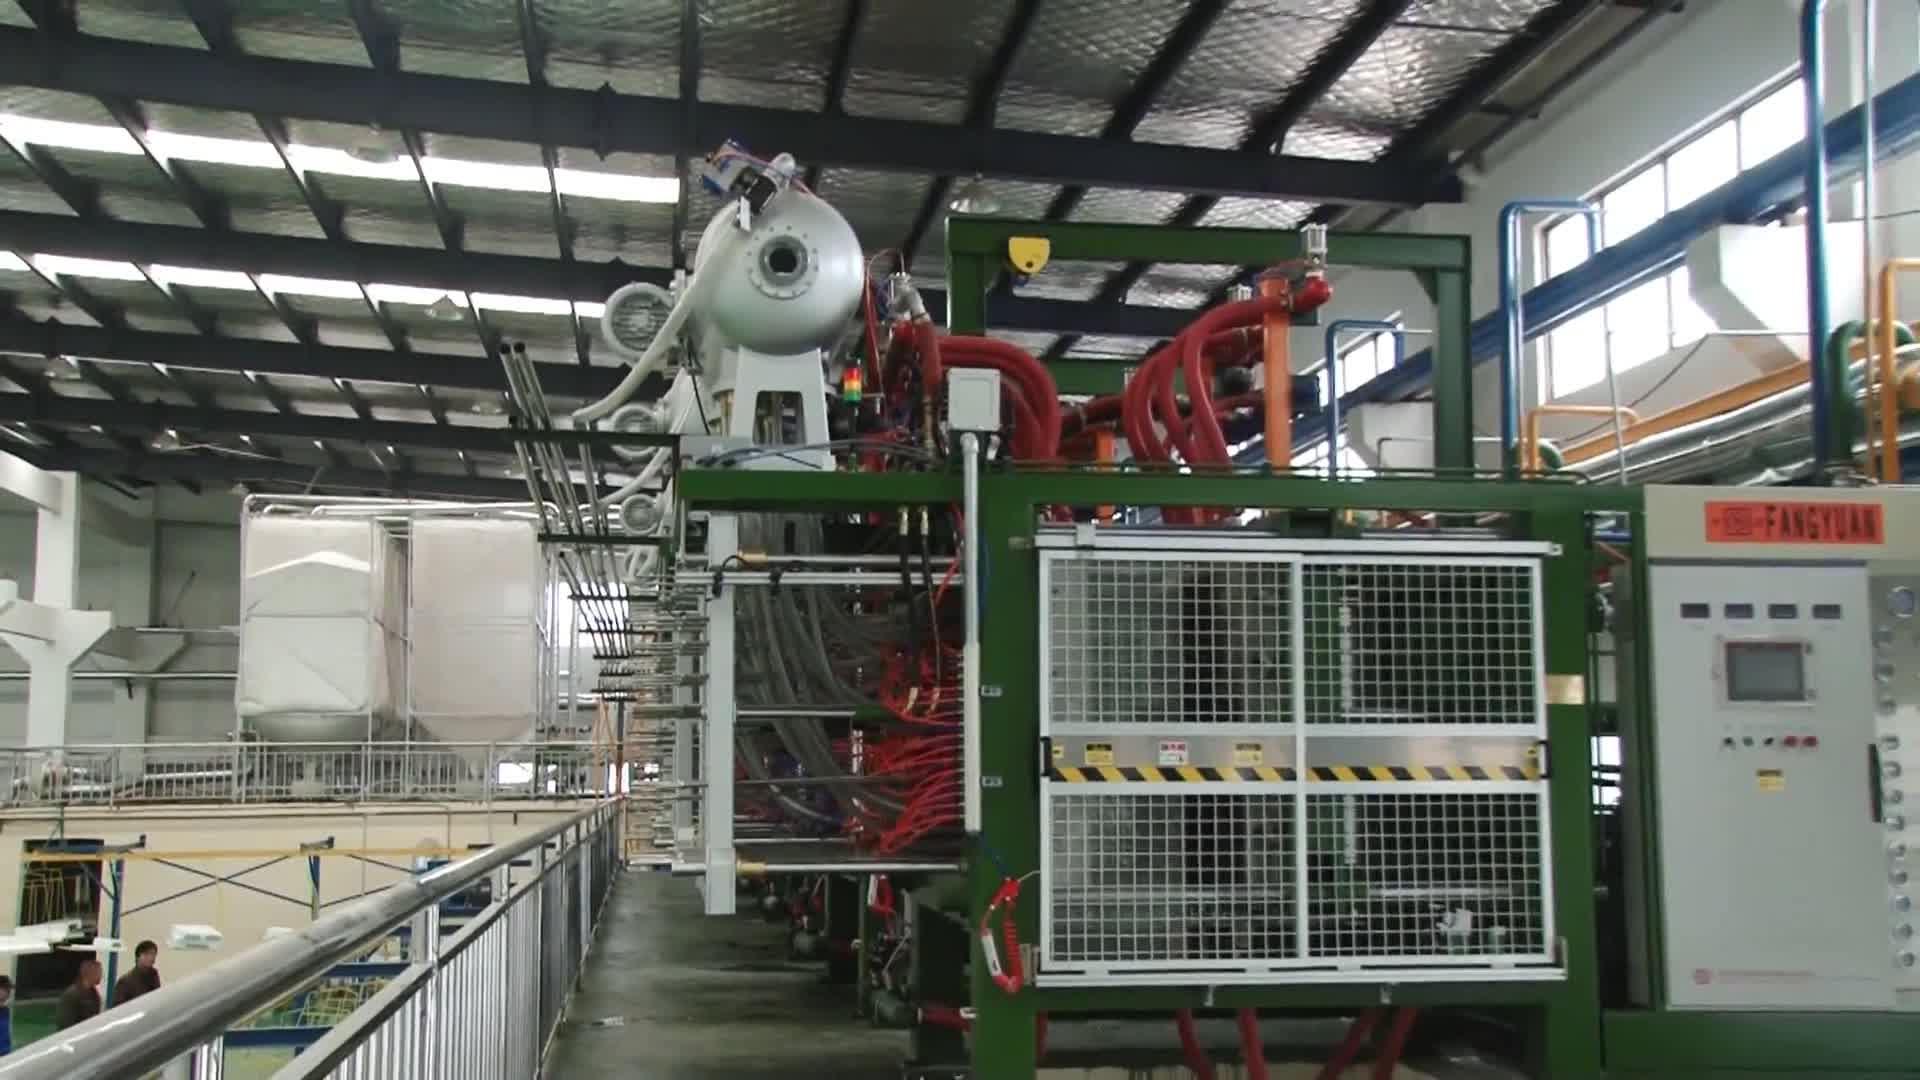 Hangzhou Fangyuan automatique polystyrène expansé eps mousse moule machine de styromousse d'eps machine de moulage de forme avec DU CE